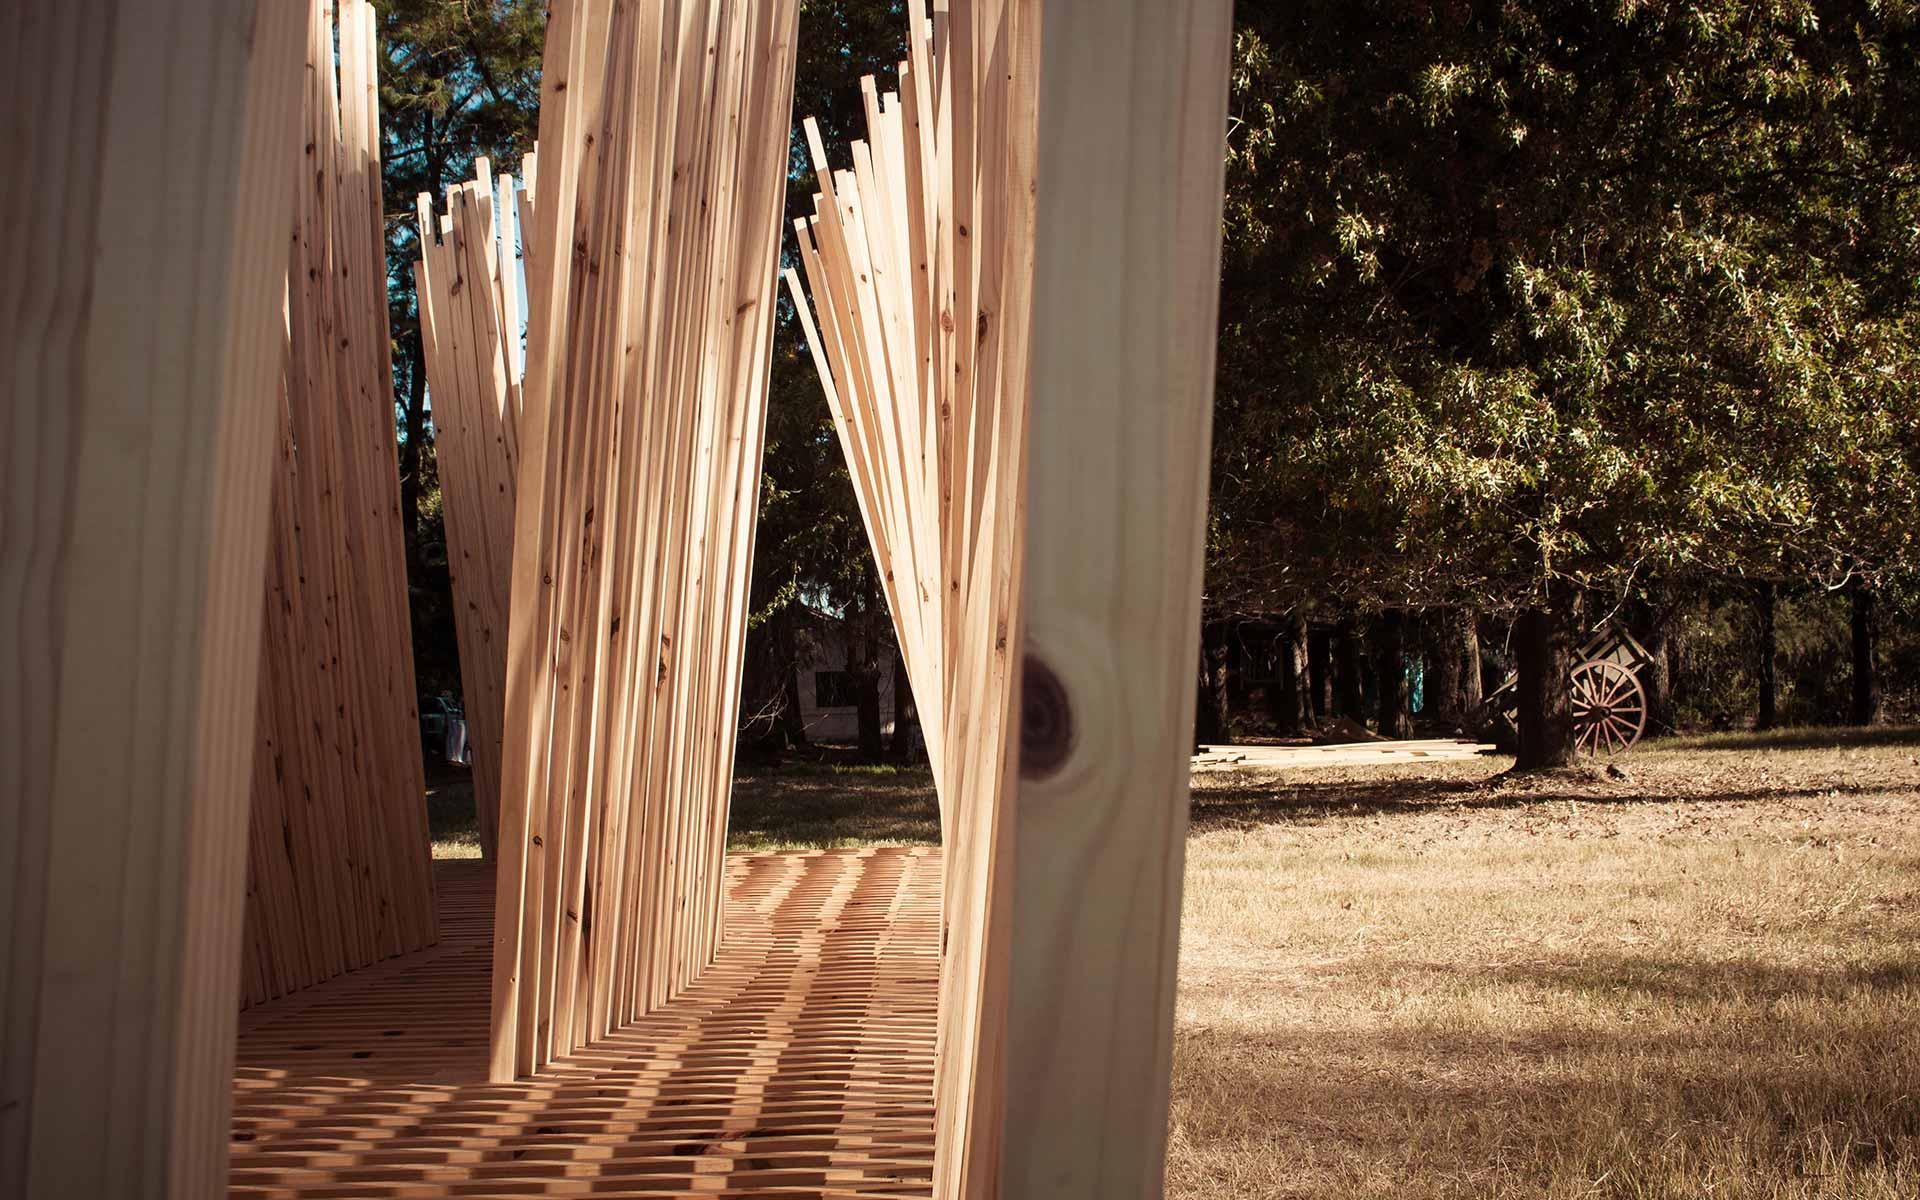 Arquitectura Diseño, Instalación Artistica: Construcción en Madera Hellowood Argentina